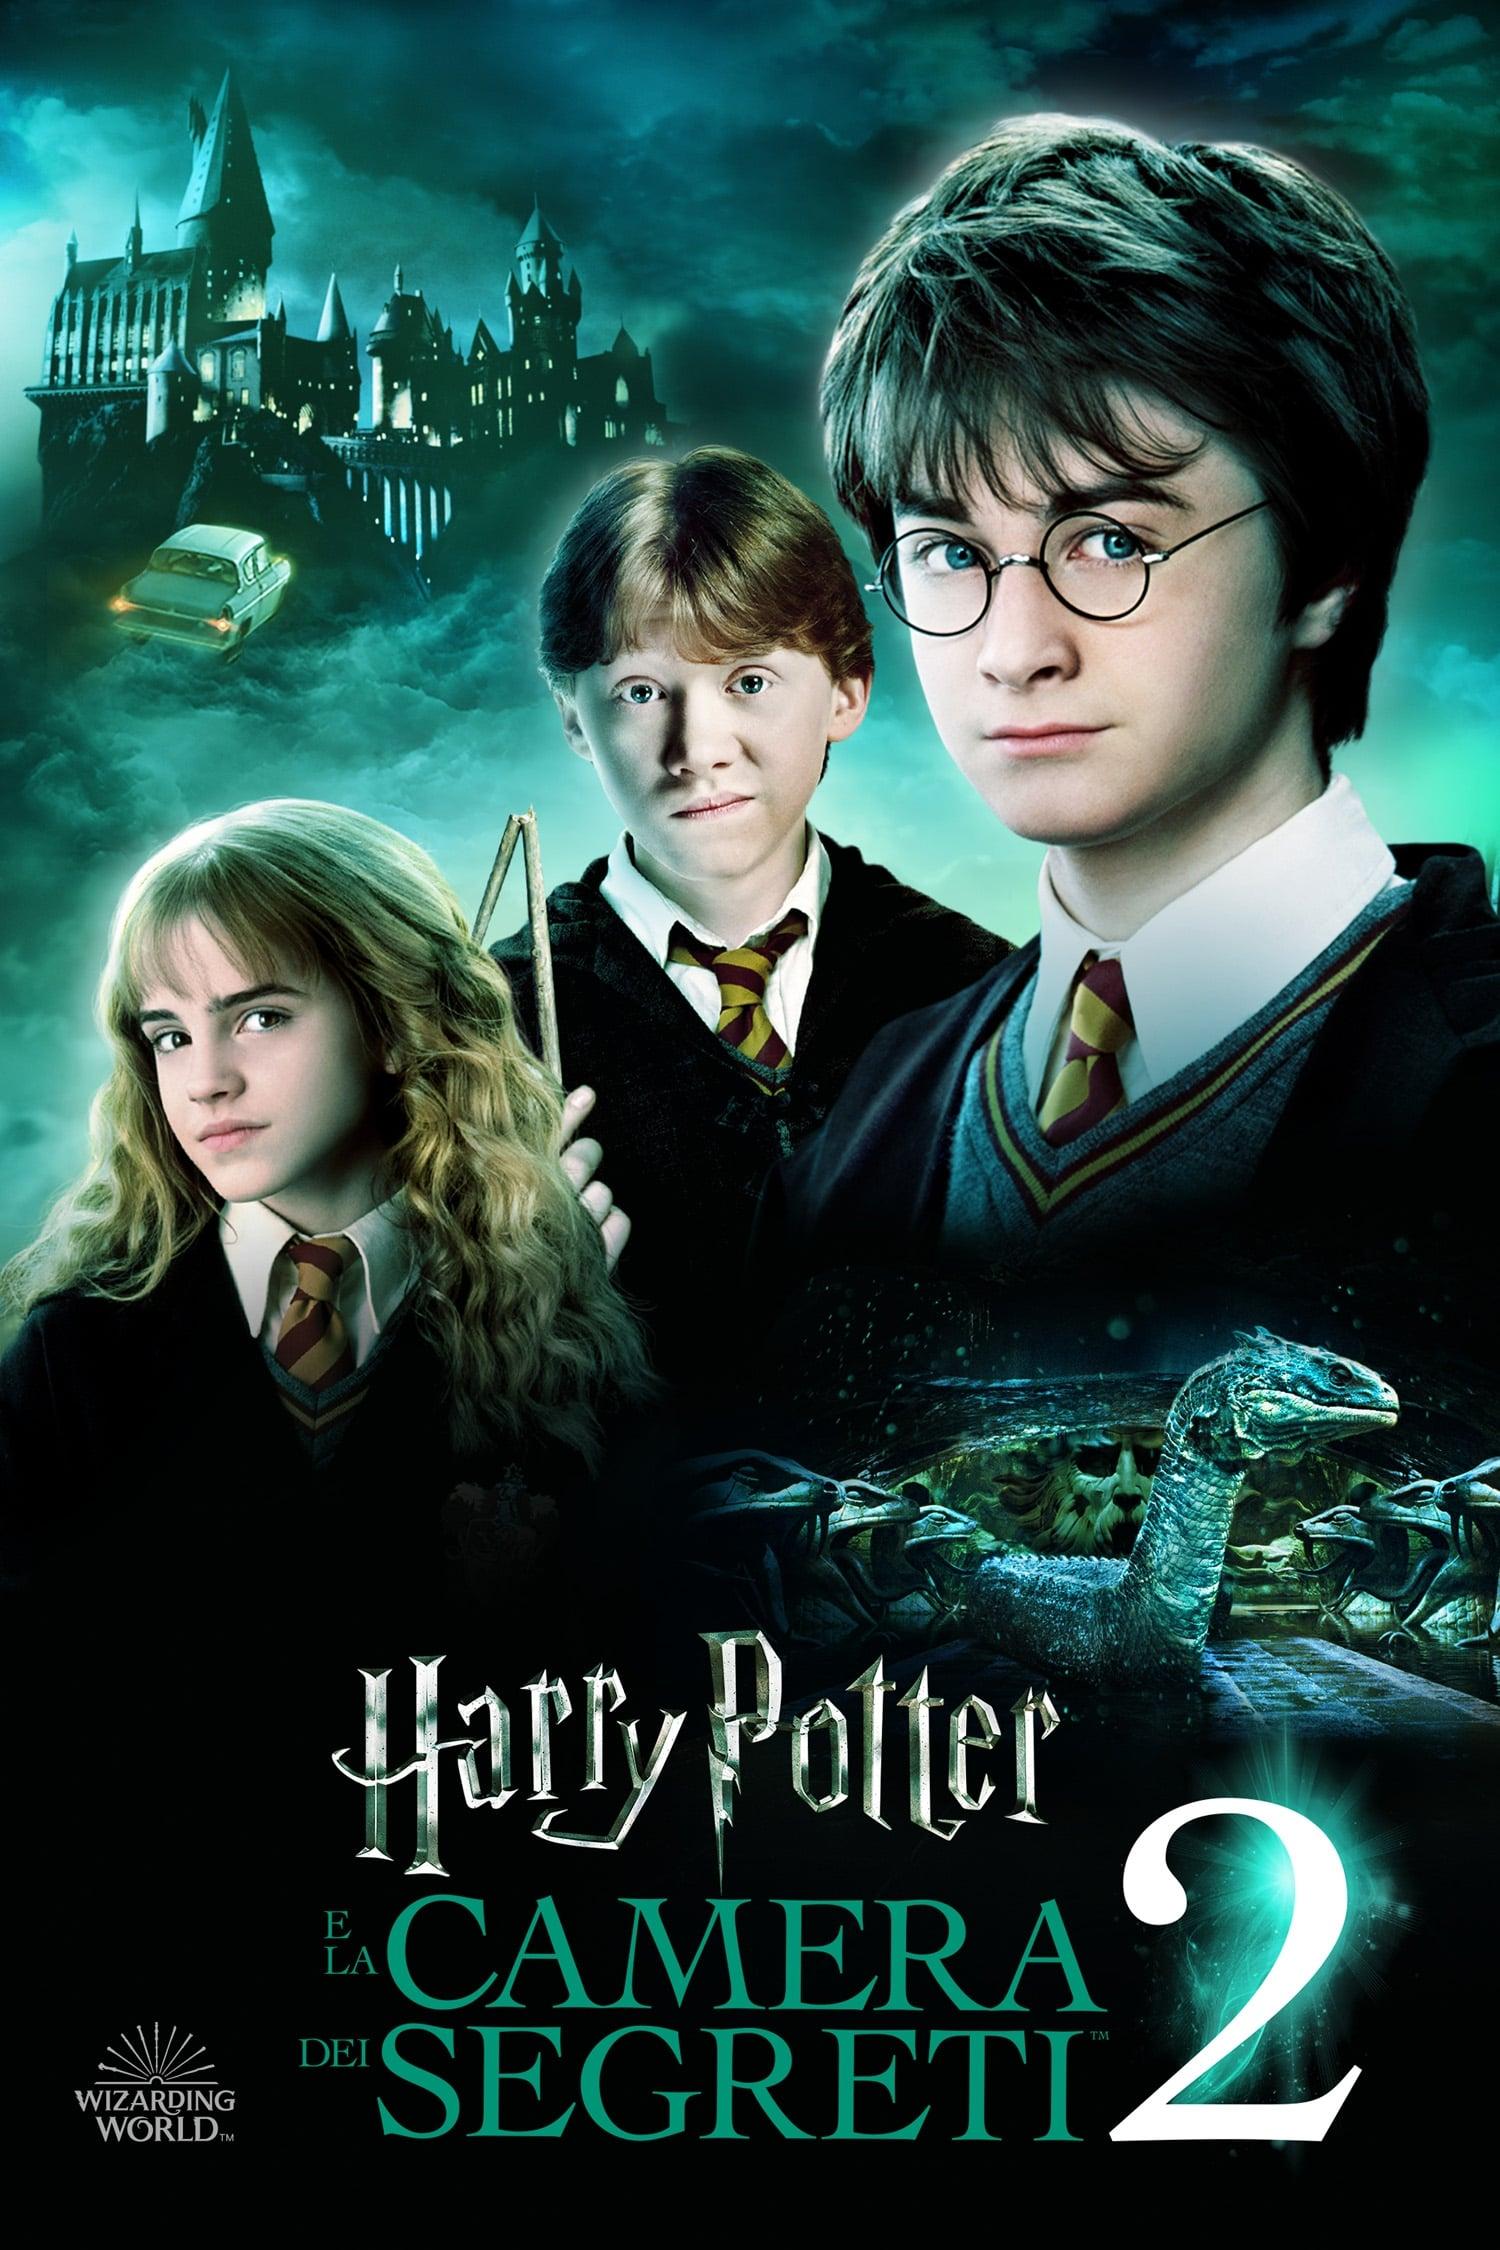 Harry potter et la chambre des secrets 2002 - Harry potter et la chambre des secrets streaming vk ...